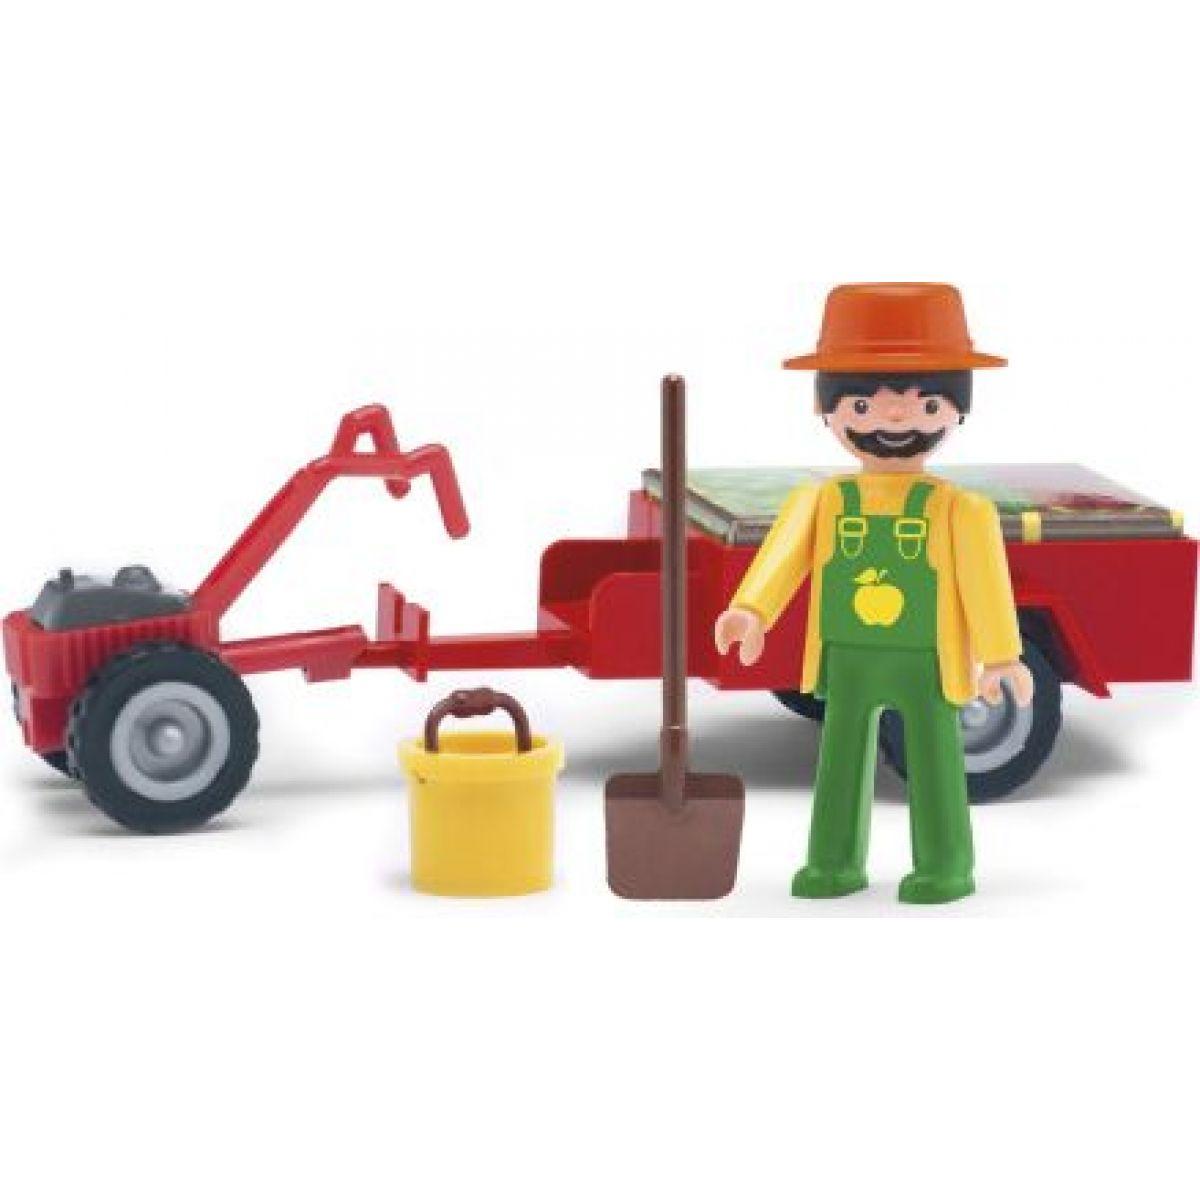 Igráček Záhradník s traktorom a doplnkami